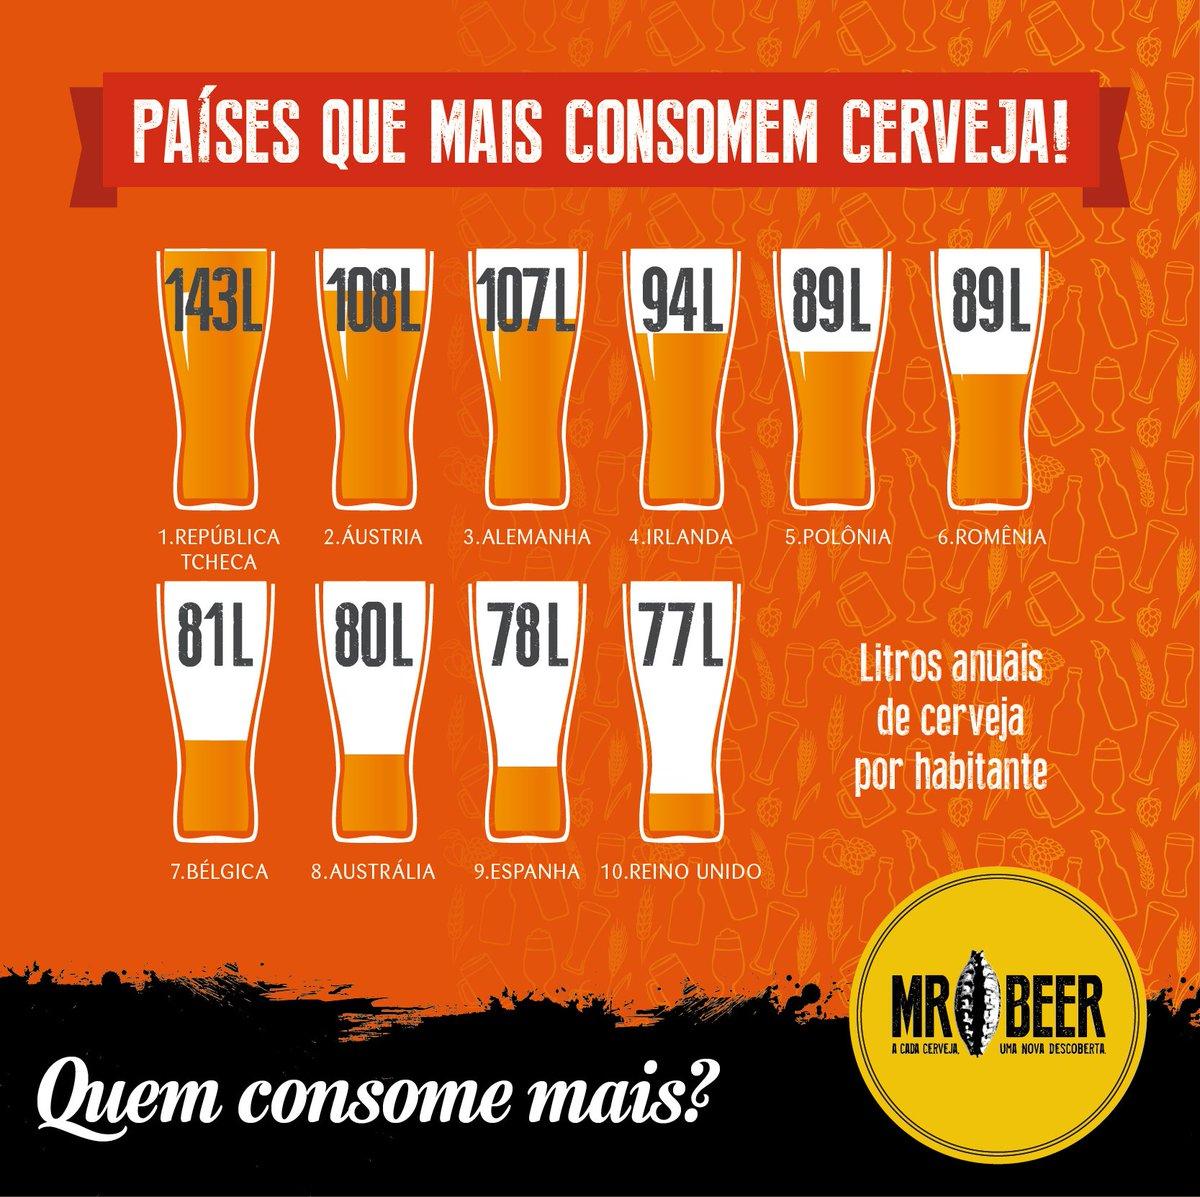 """Mr. Beer Cervejas auf Twitter: """"Veja o Top 10 do ranking de consumo anual  per capita de cerveja. Alguém adivinha onde está o Brasil? #brasil #ranking  #mrbeer #cerveja… https://t.co/F4RSNBEgLG"""""""